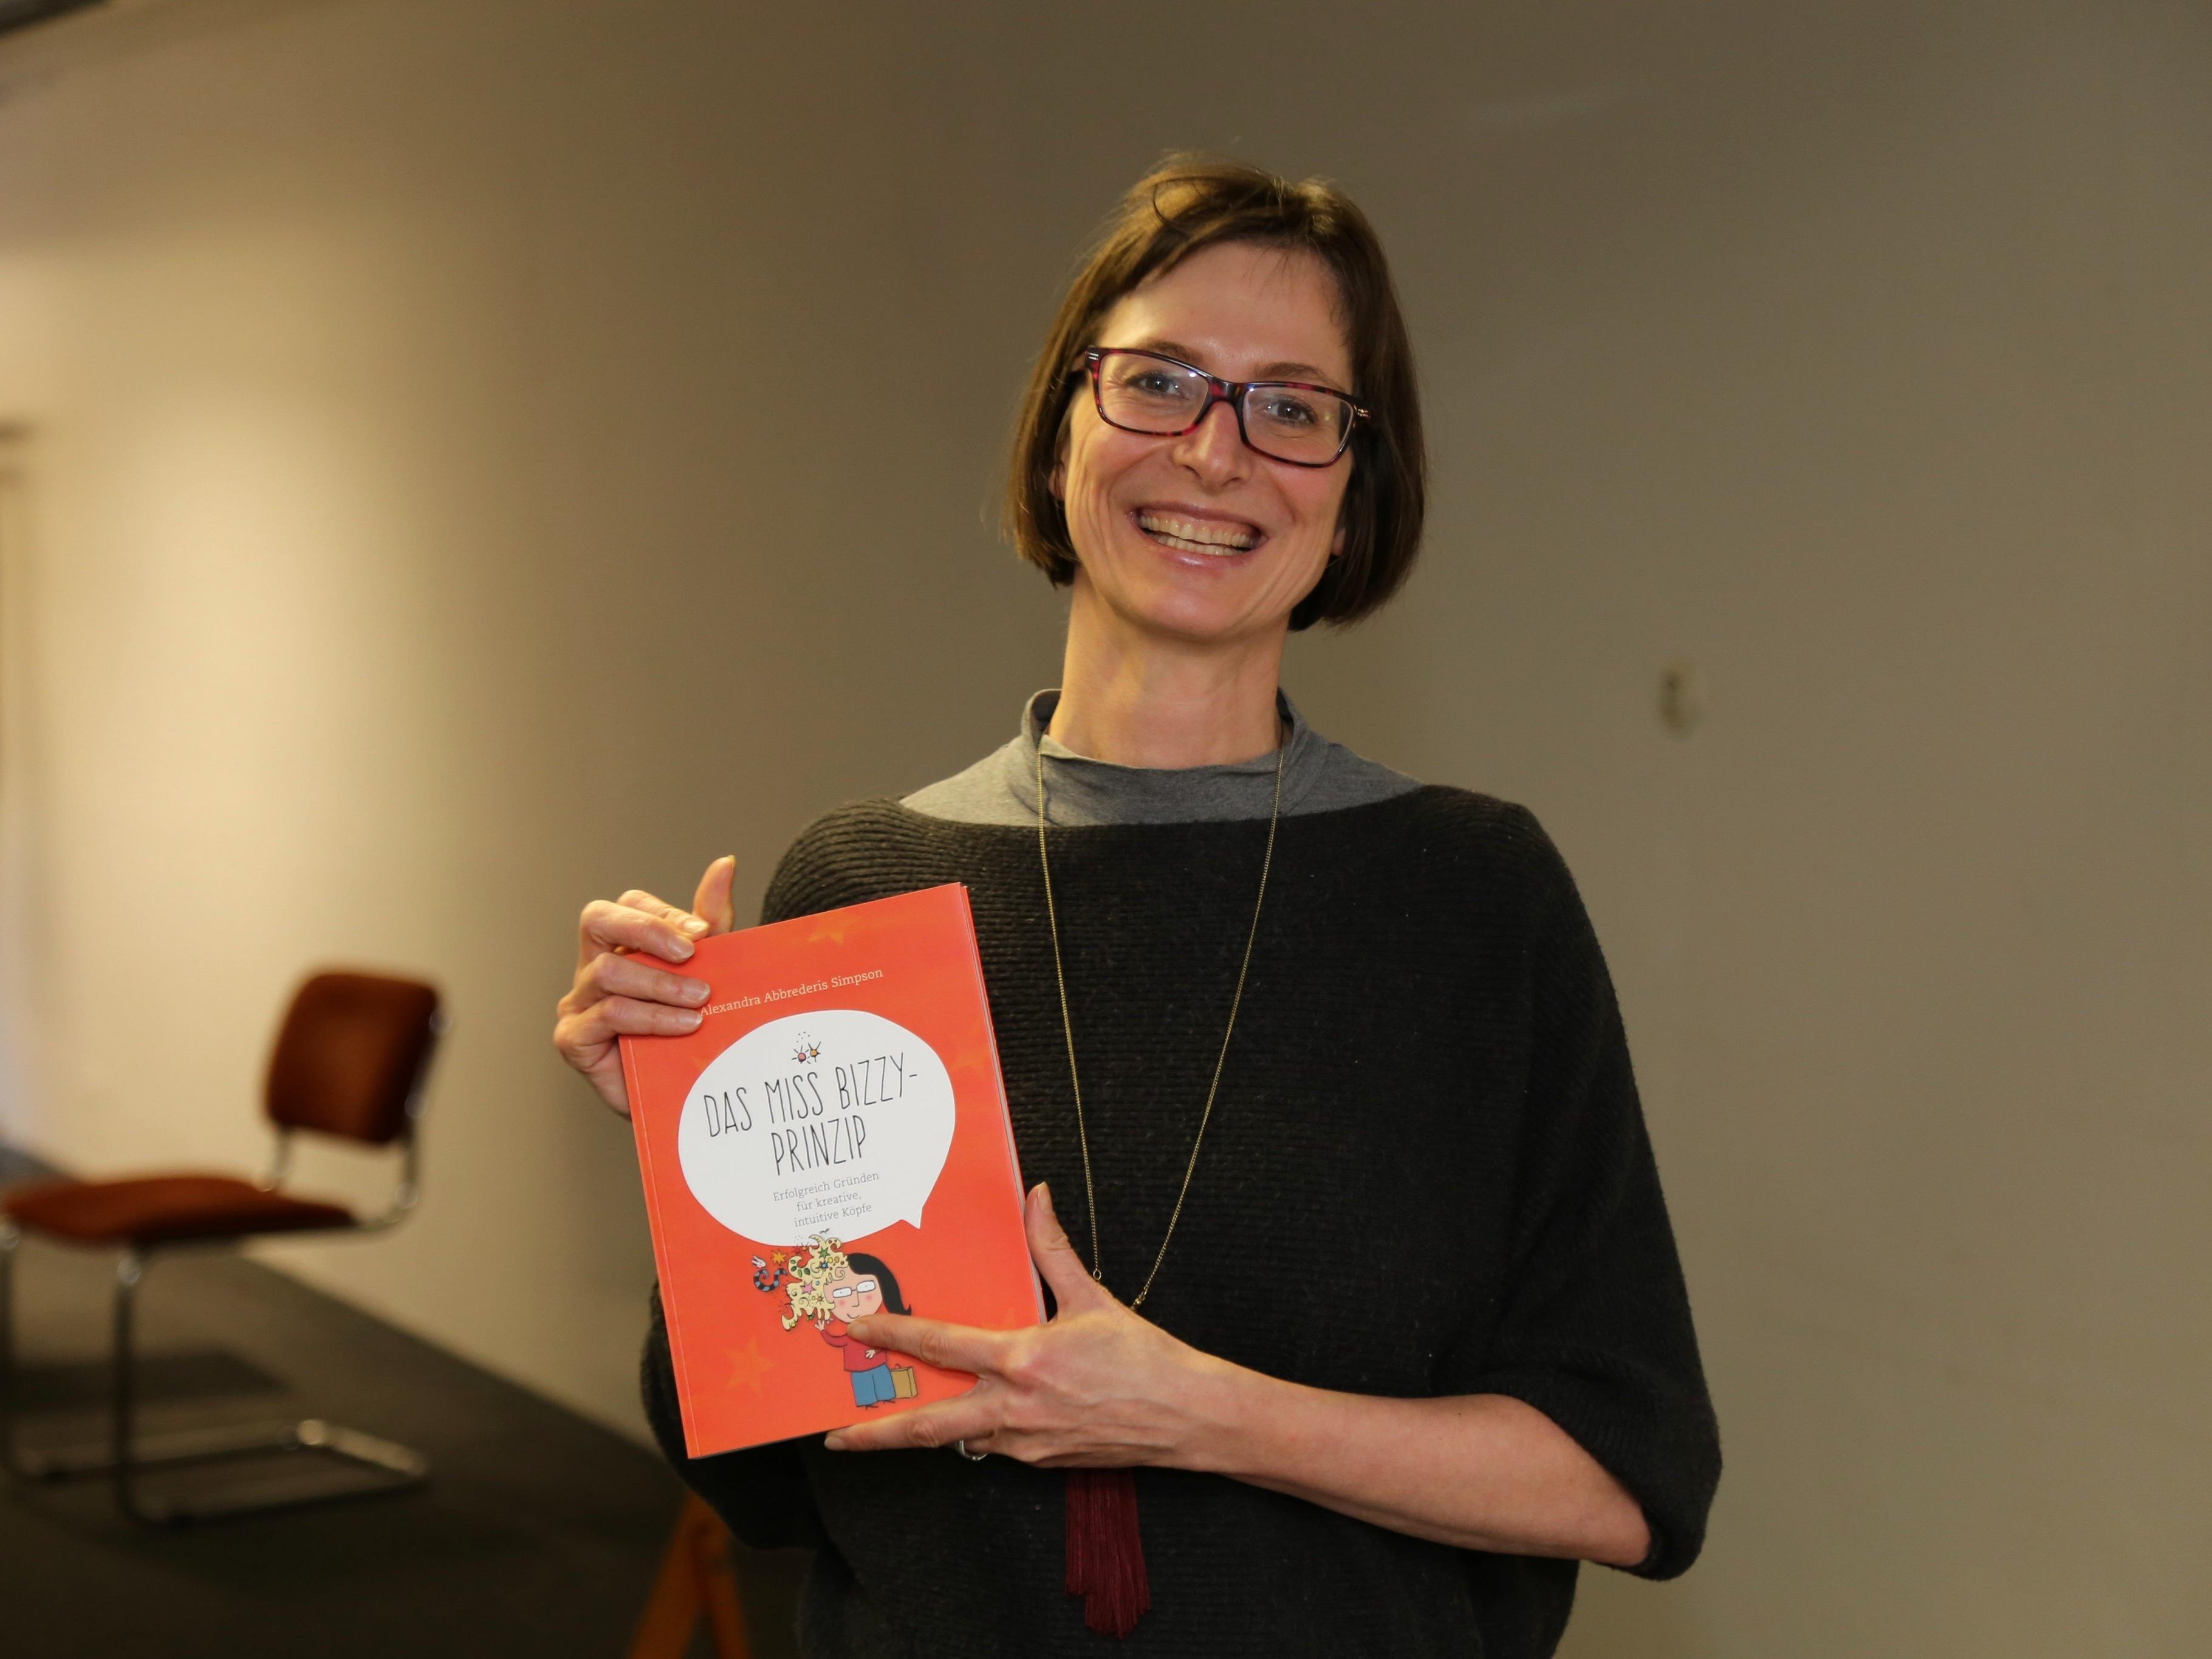 """Alexandra Abbrederis Simpson stellte ihr erstes Buch """"Das Miss Bizzy Prinzip"""" vor und veranstaltete dazu einen Workshop."""